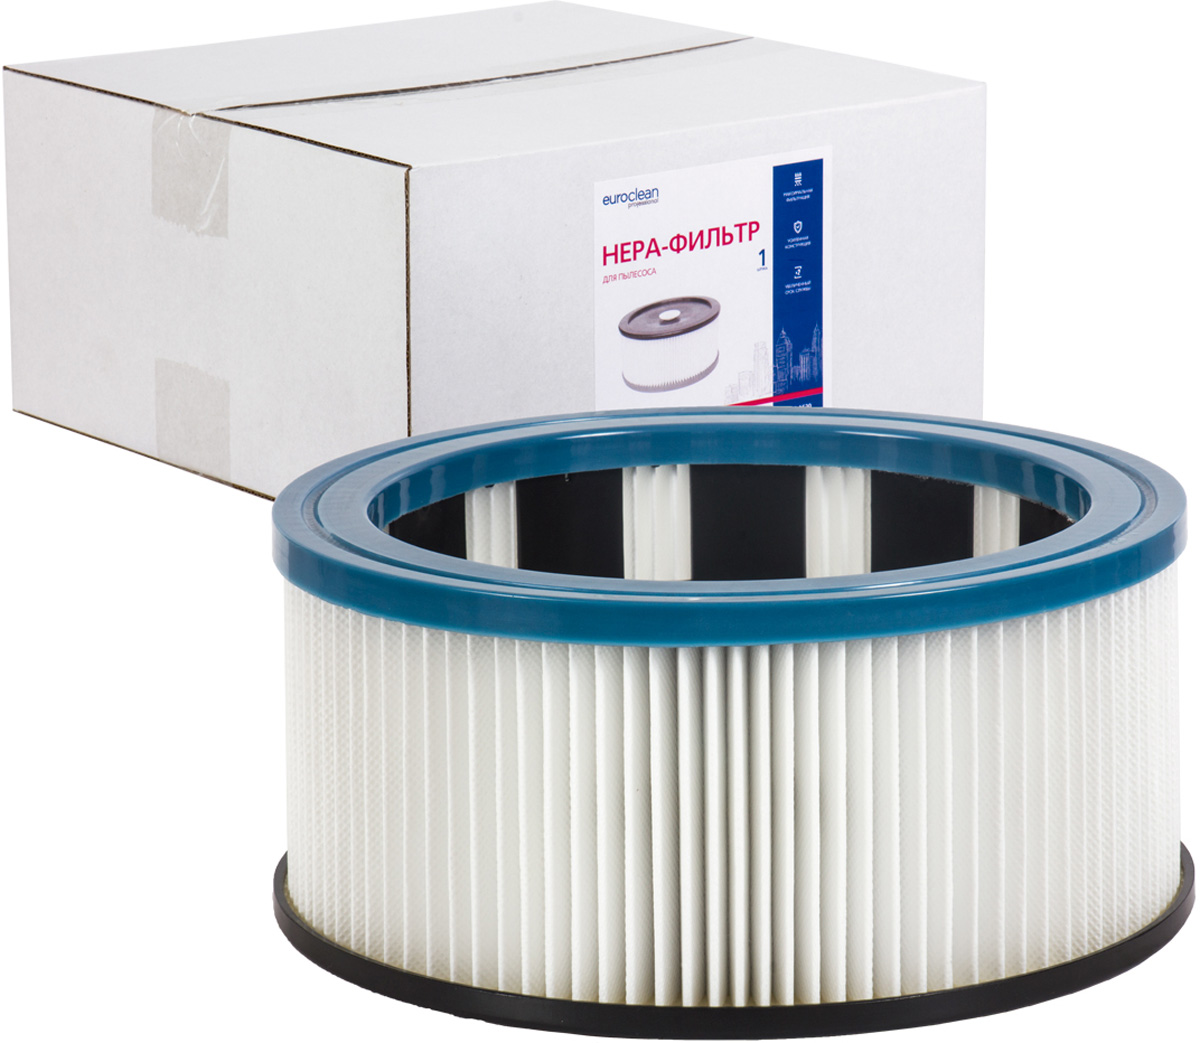 Euroclean FLSM-AS20 фильтр складчатый многоразовый моющийся для пылесосов Felisatti AS20/1200 многоразовый конусный фильтр для пылеводососов с посадочным кольцом